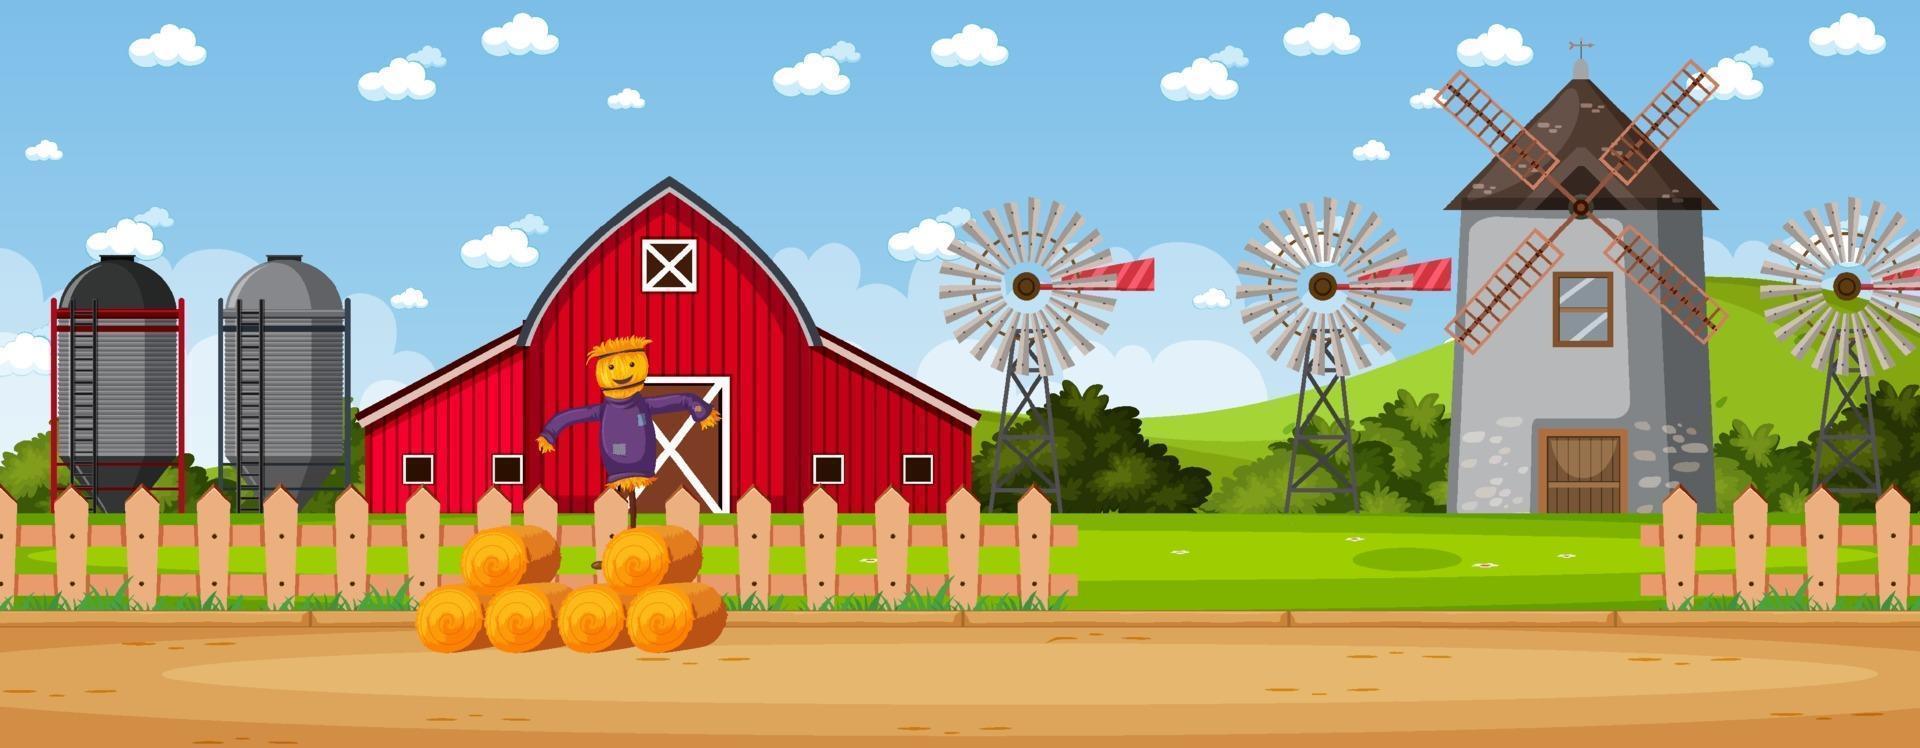 Simple rural farm landscape vector